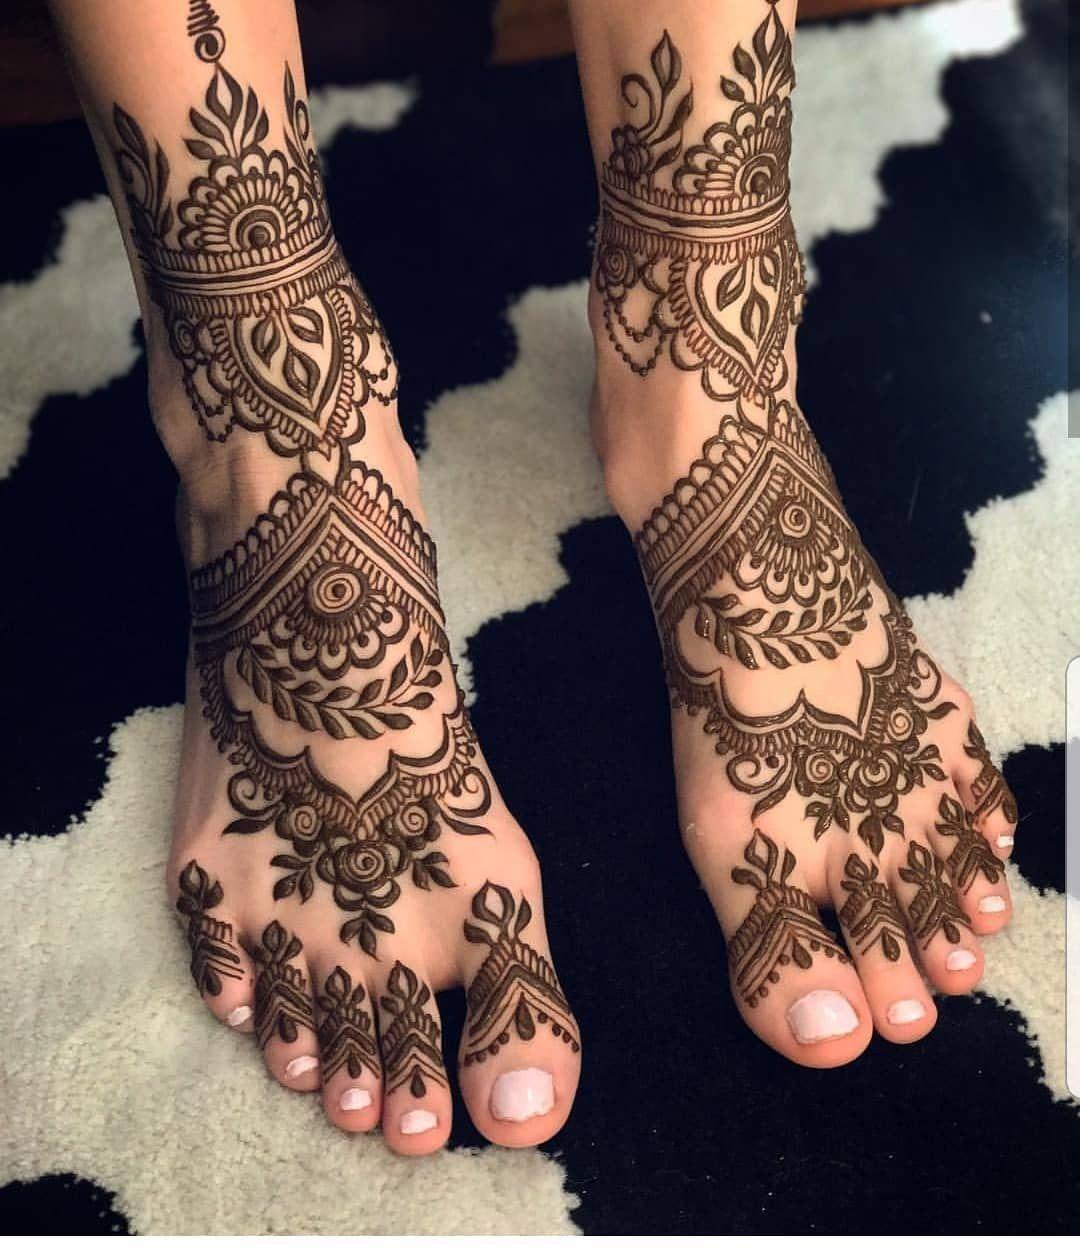 صور نقش الحناء Henna Tattoo Designs Henna Designs Feet Henna Patterns